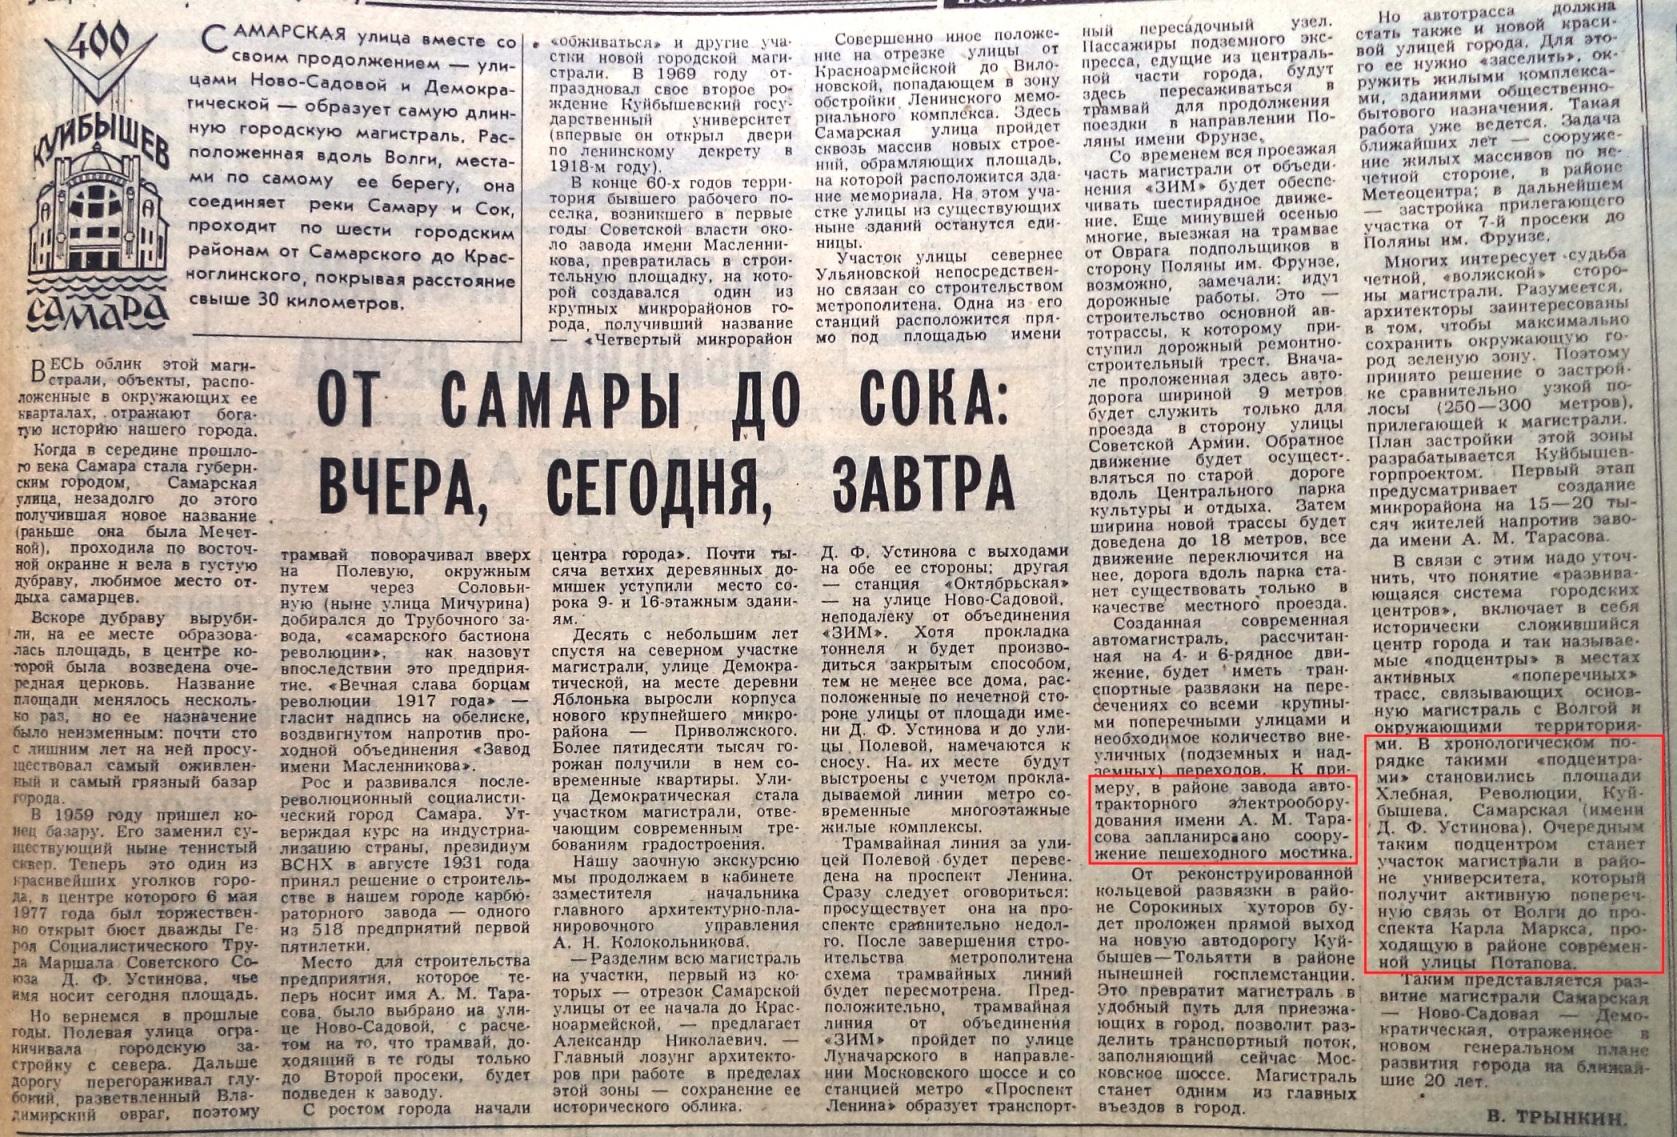 Ново-Садовая-ФОТО-03-ВЗя-1985-04-03-СамНС-Демокр